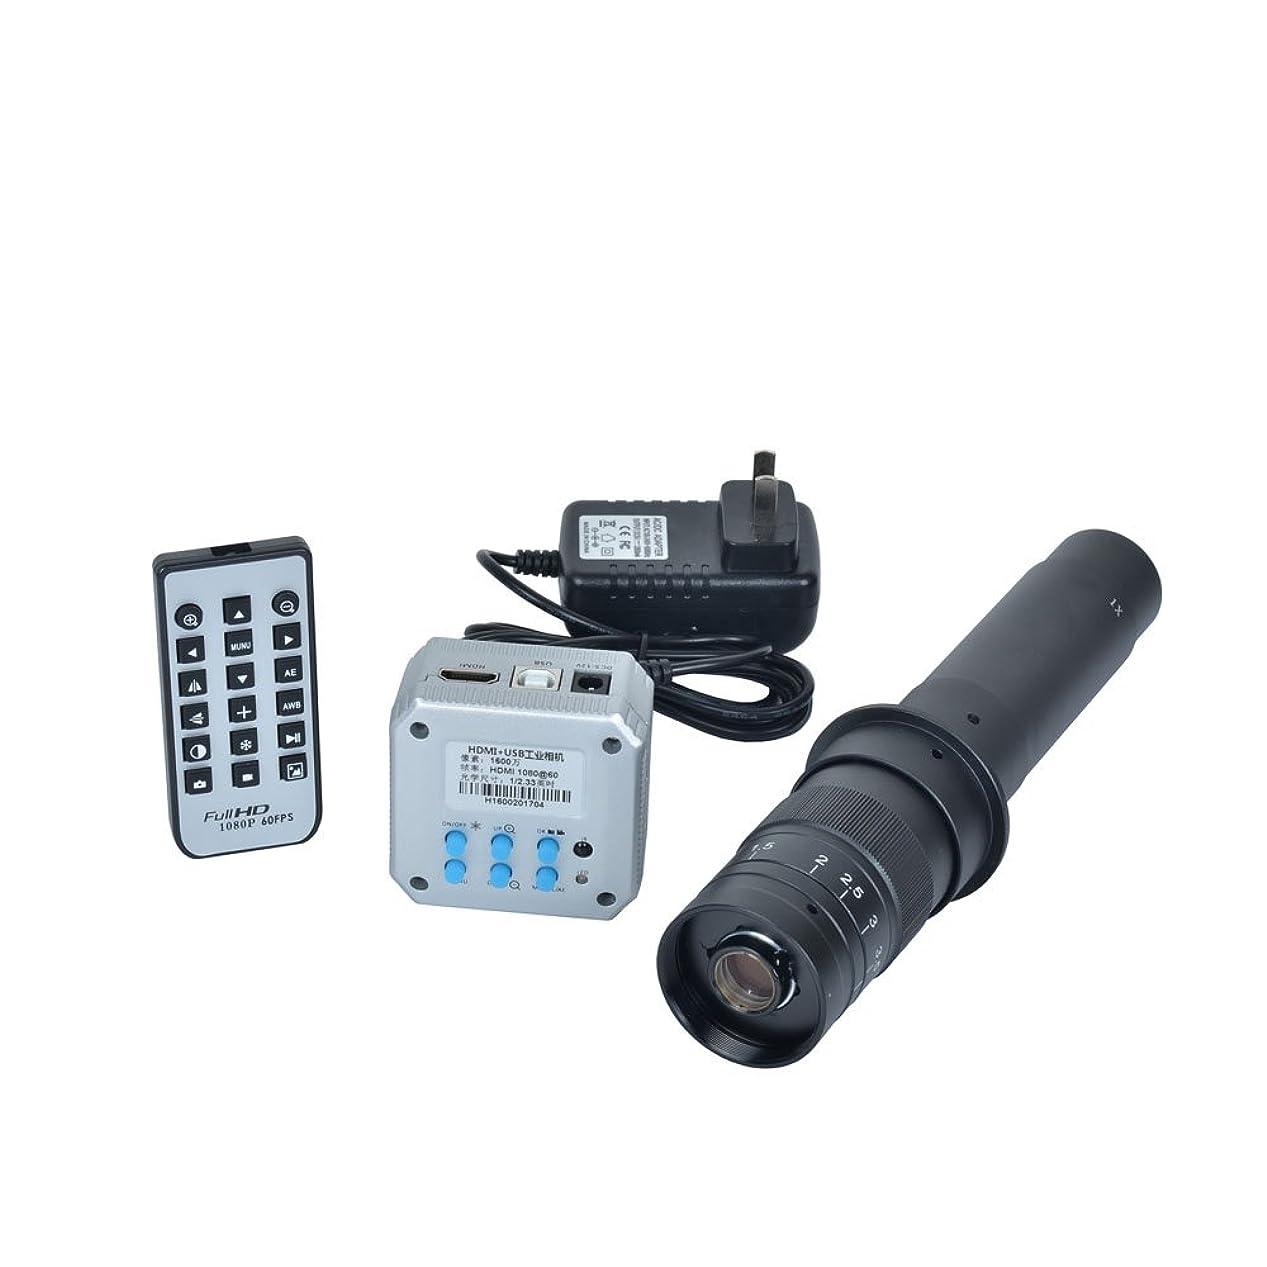 腸汚染された誇りに思う16?MP 1080p HDMI USB出力Industrial顕微鏡カメラ+ 300?X C - Mountレンズfor業界PCBラボ顕微鏡Accessoires